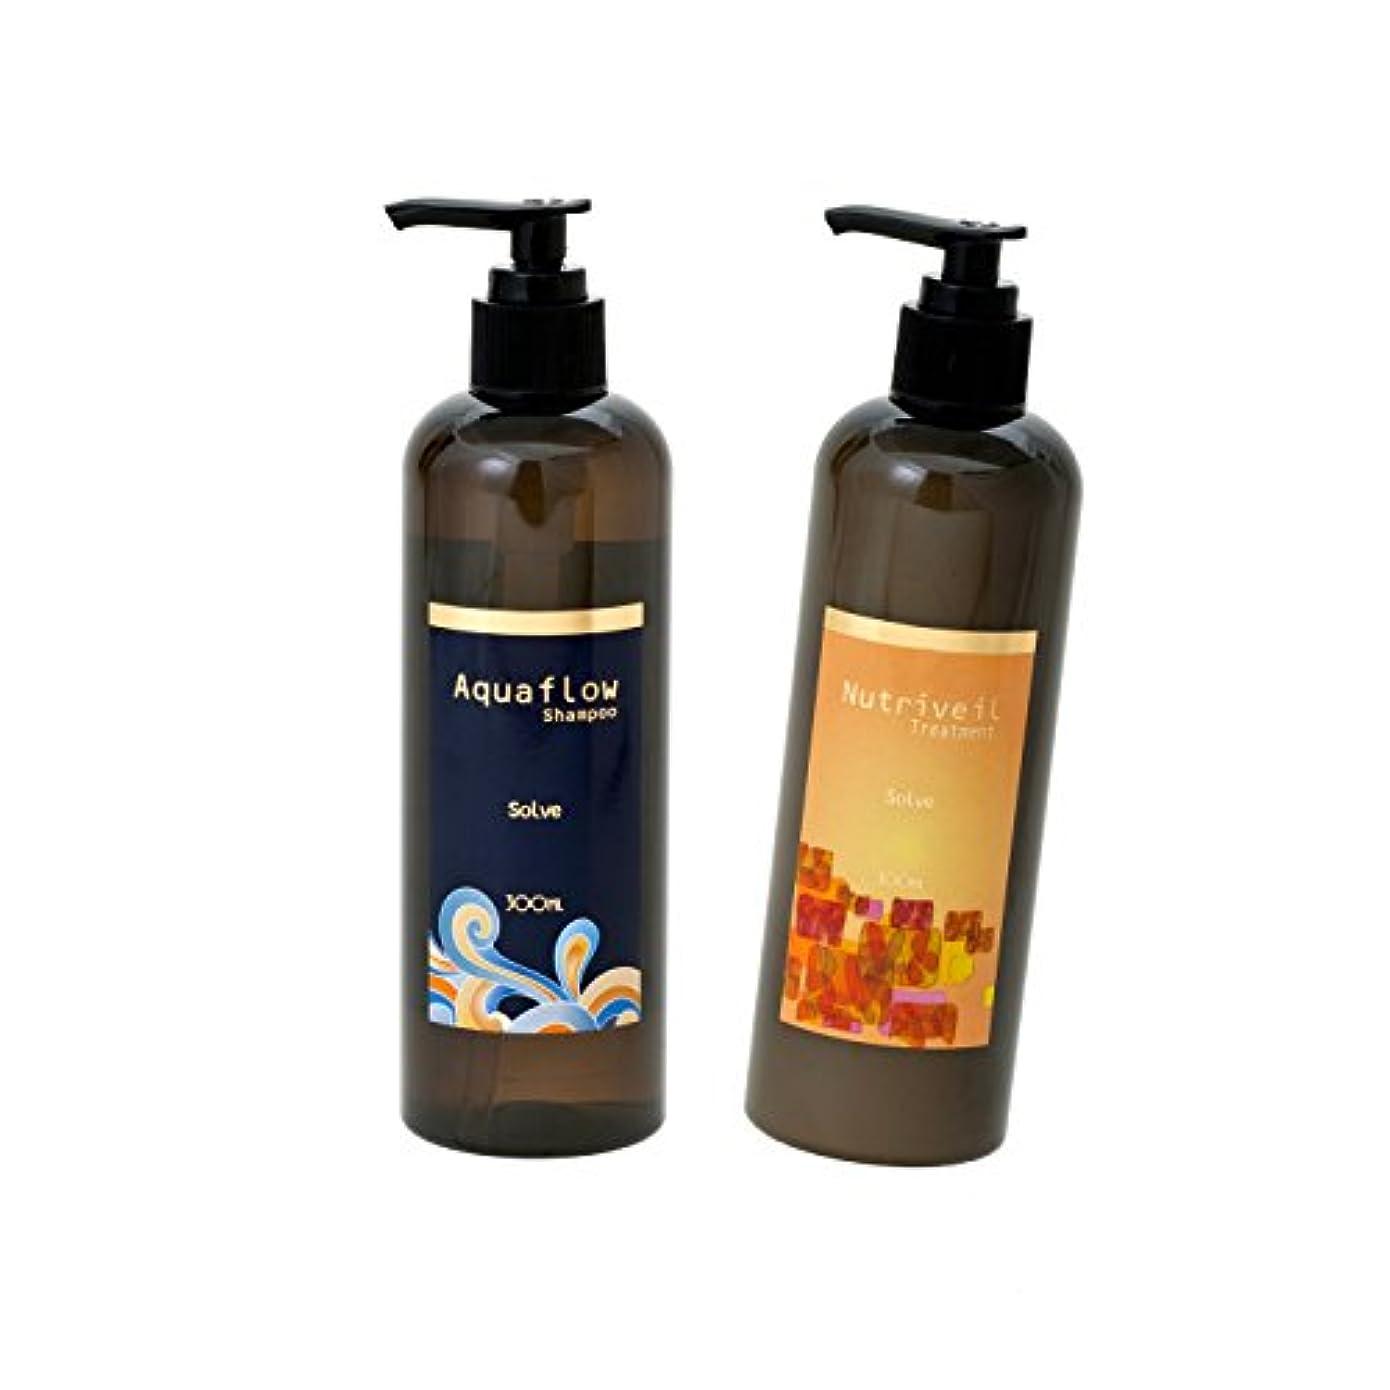 感動する保安癒す縮毛矯正した髪を栄養そのもので洗うsolve|ソルブシャンプー「Aquaflow_アクアフロー」ソルブトリートメント「Nutriveil_ニュートリヴェール」セット|カラーの繰り返しで大きくダメージした髪のケアにも。 (...